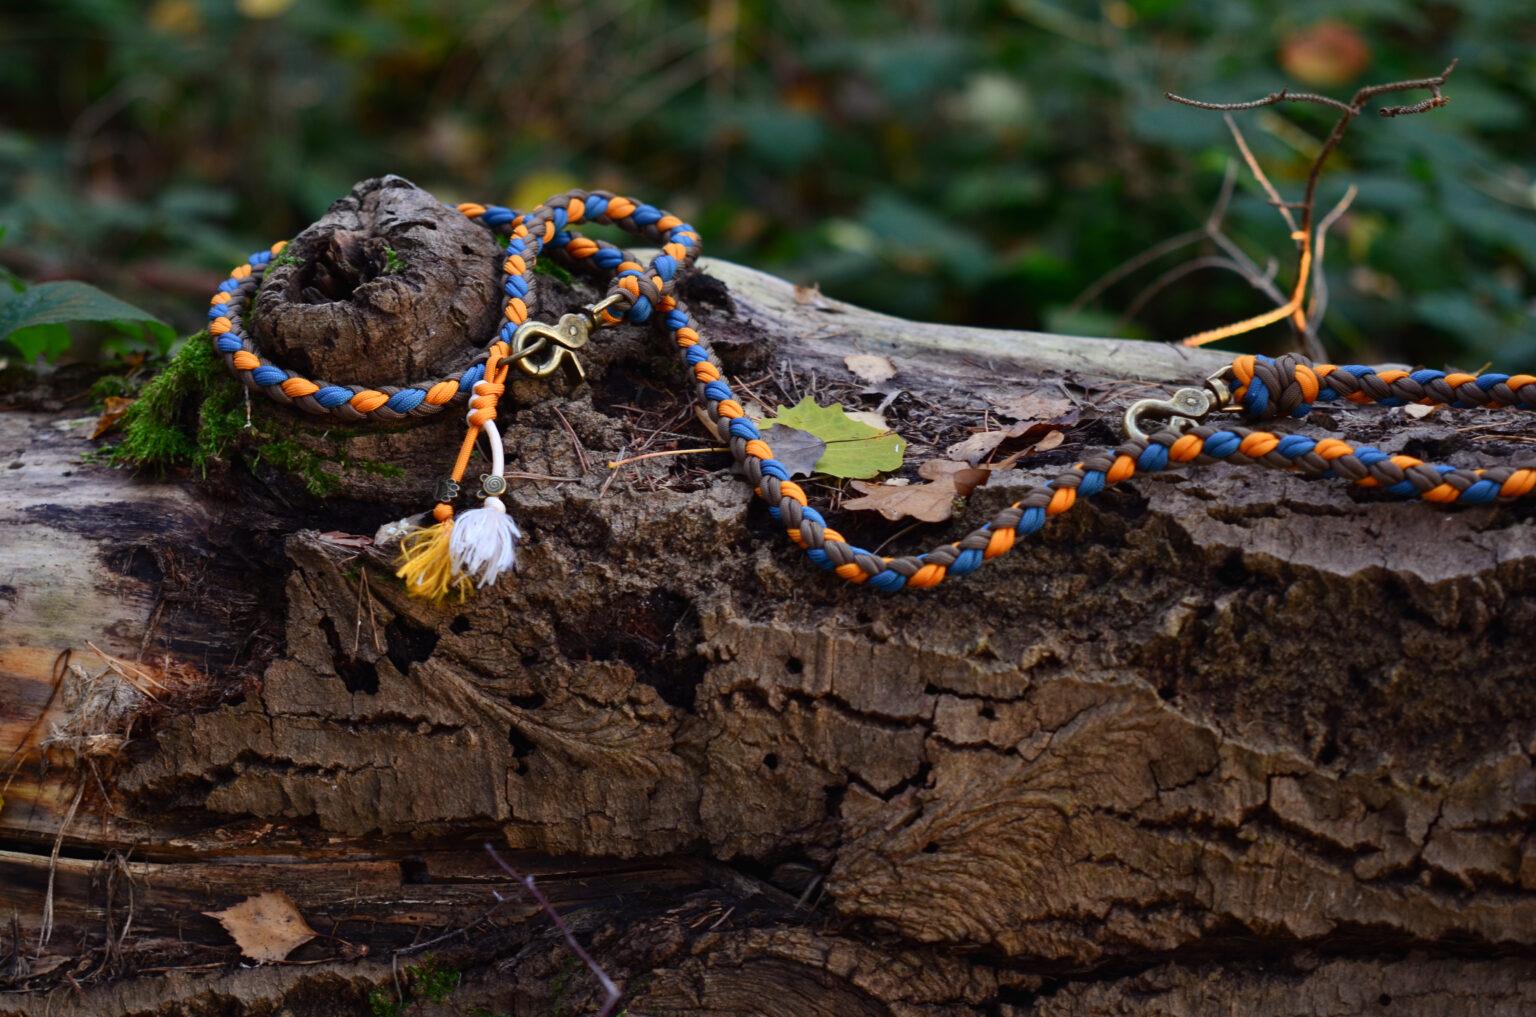 Ein süßes Detail am Ring der Handschlaufe verleiht der wunderschönen Kombination aus Blau, Orange und Braun zusätzlichen Charme.